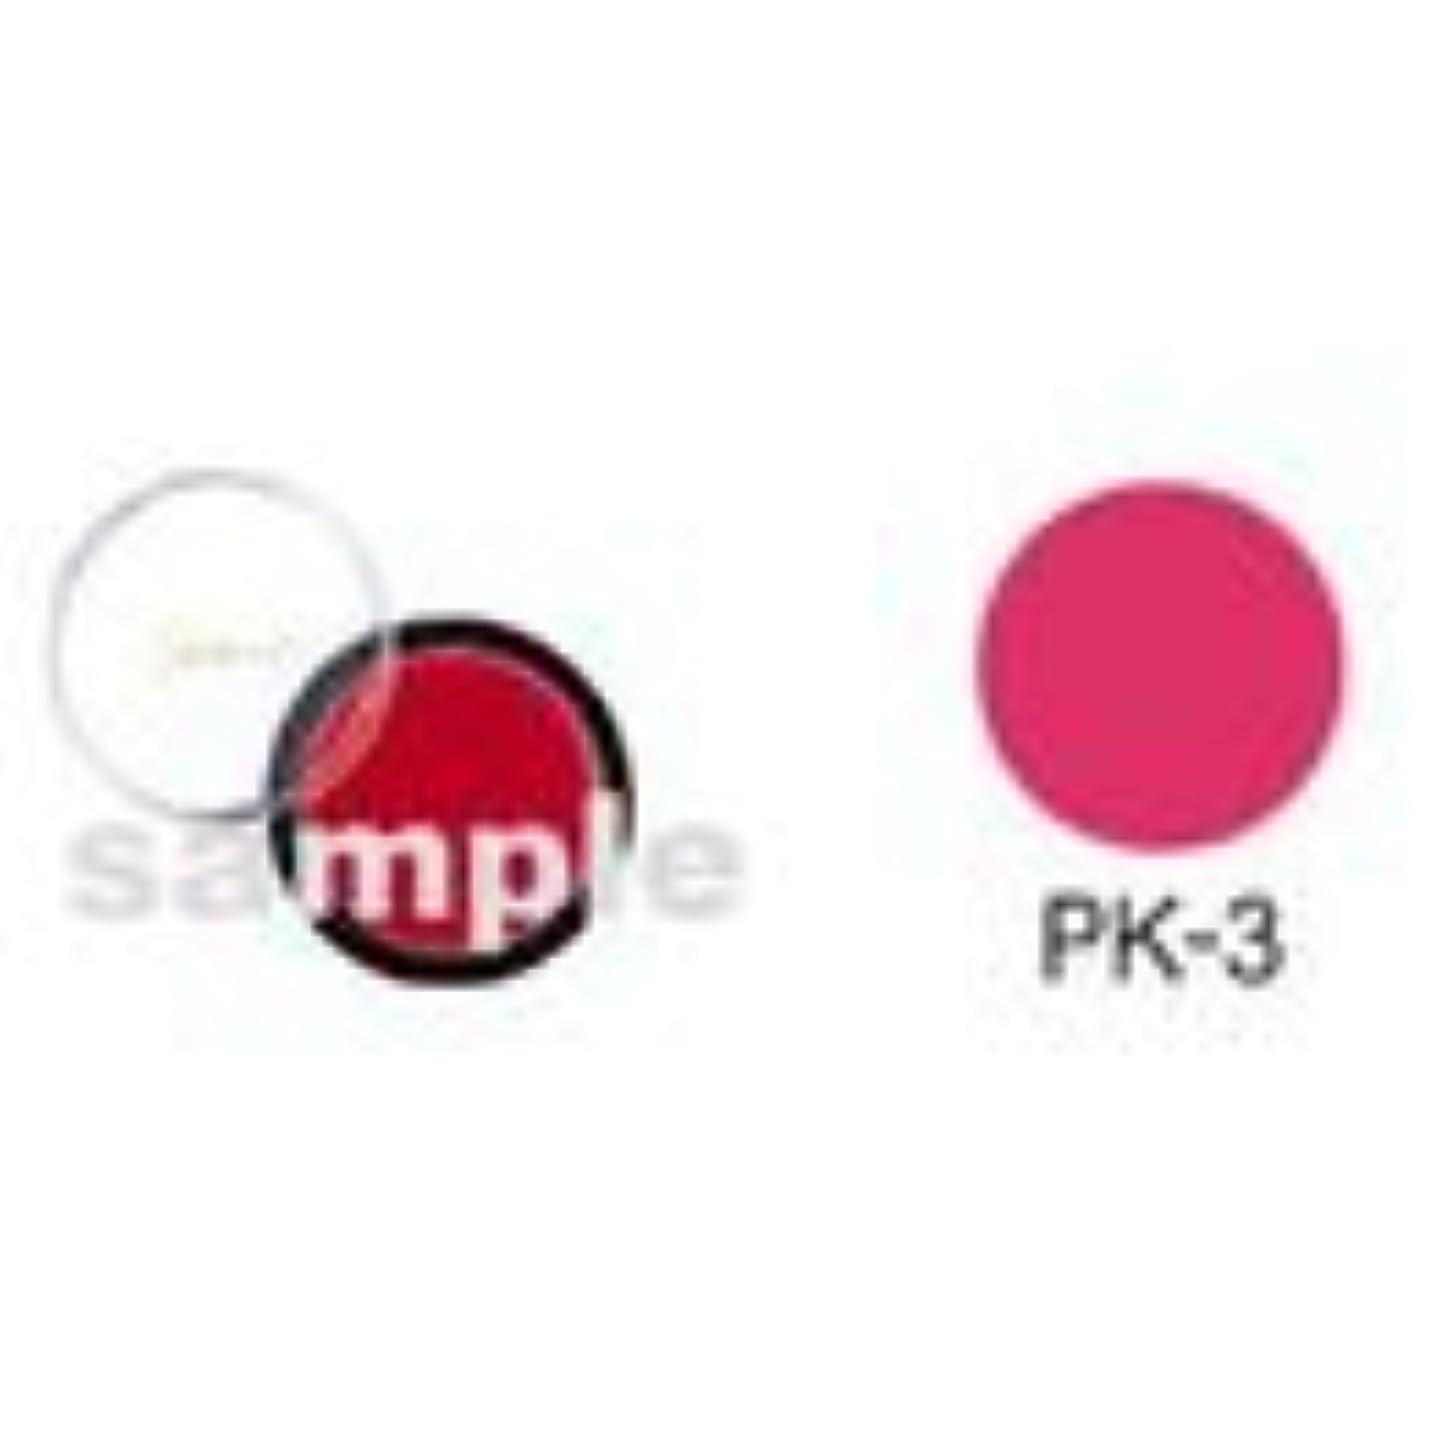 単調な干渉する内側シャレナ カラーリップ PK-3